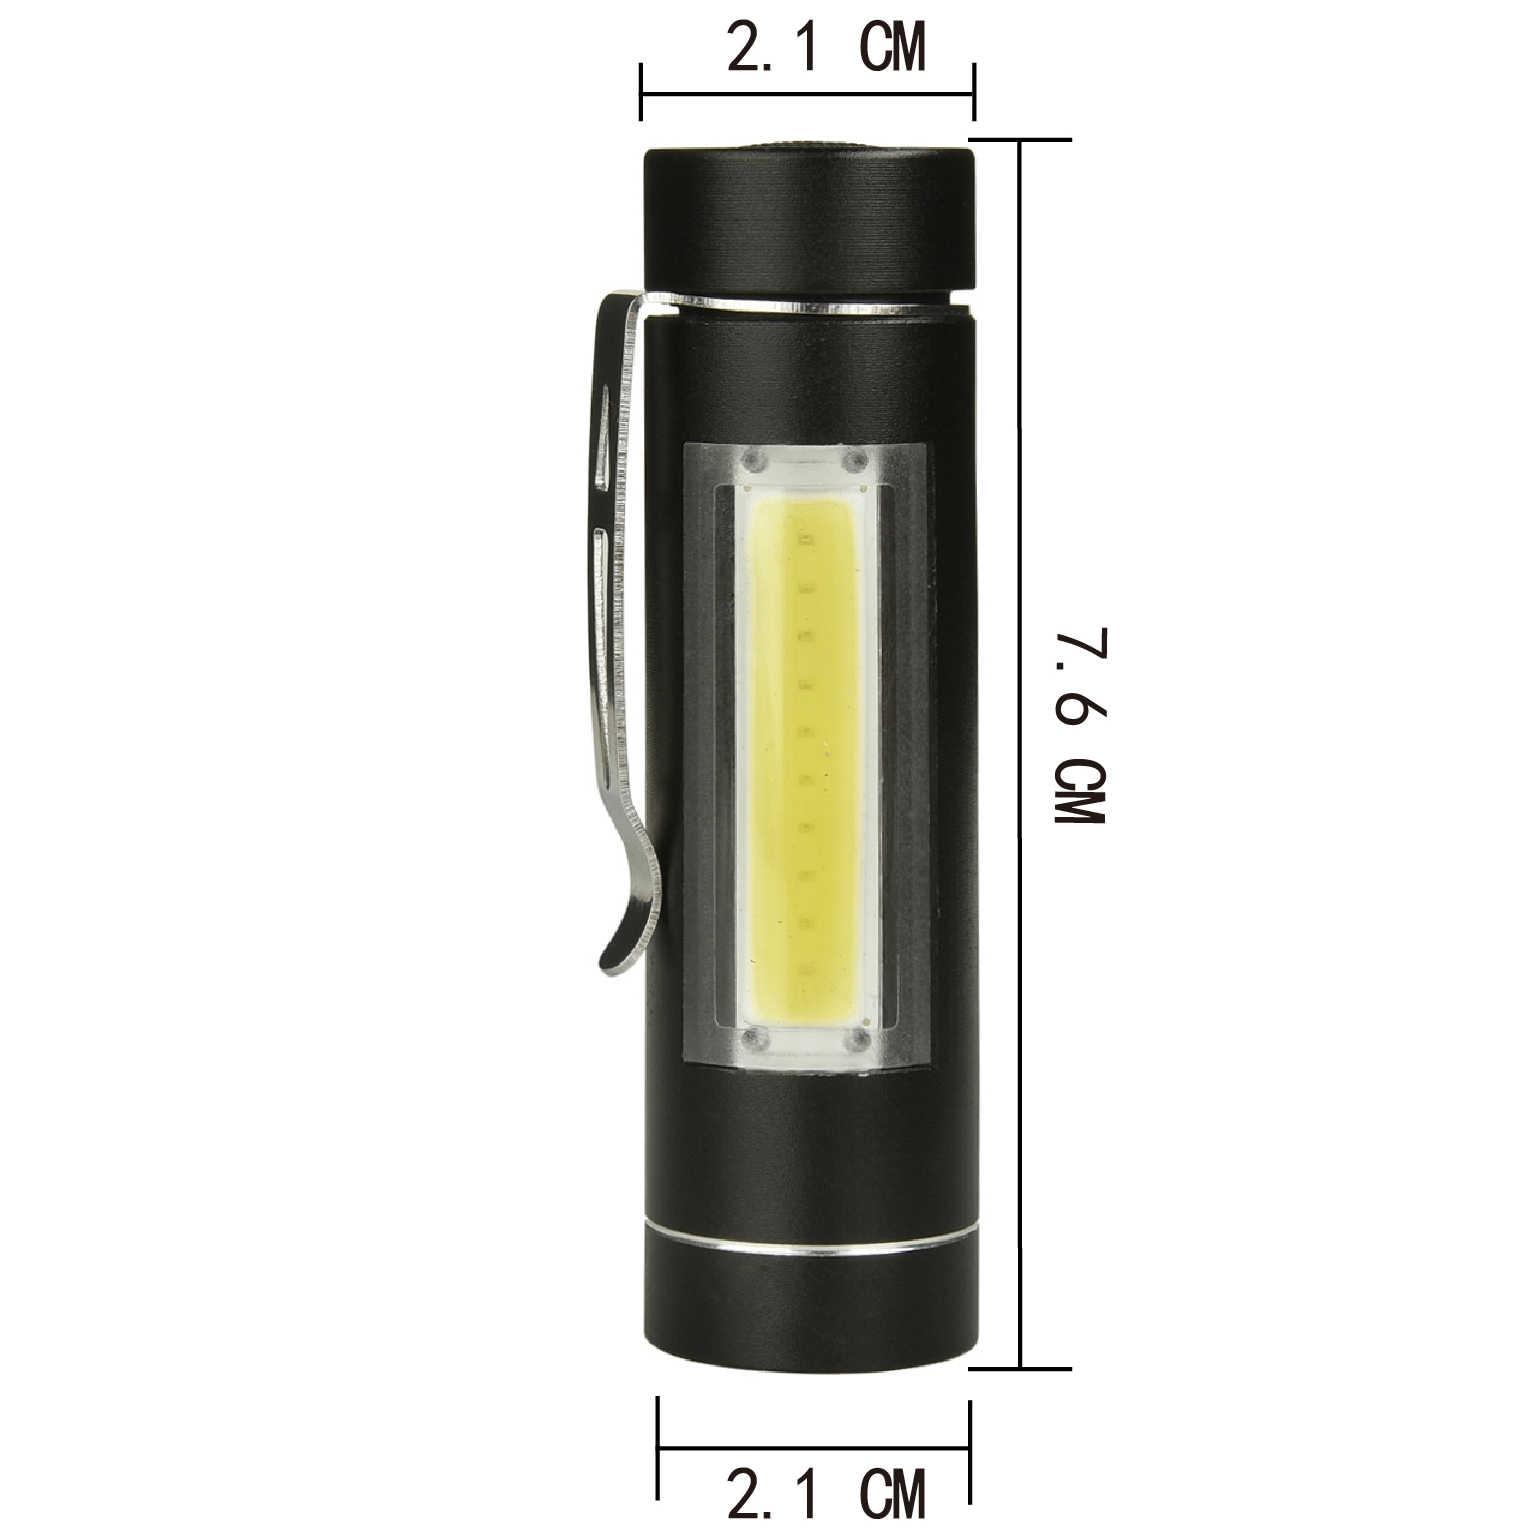 Litwod z90 + led cob mini lanterna tocha led 1 modo usar 14500 ou aa bateria para a leitura de acampamento trabalhando lanterna